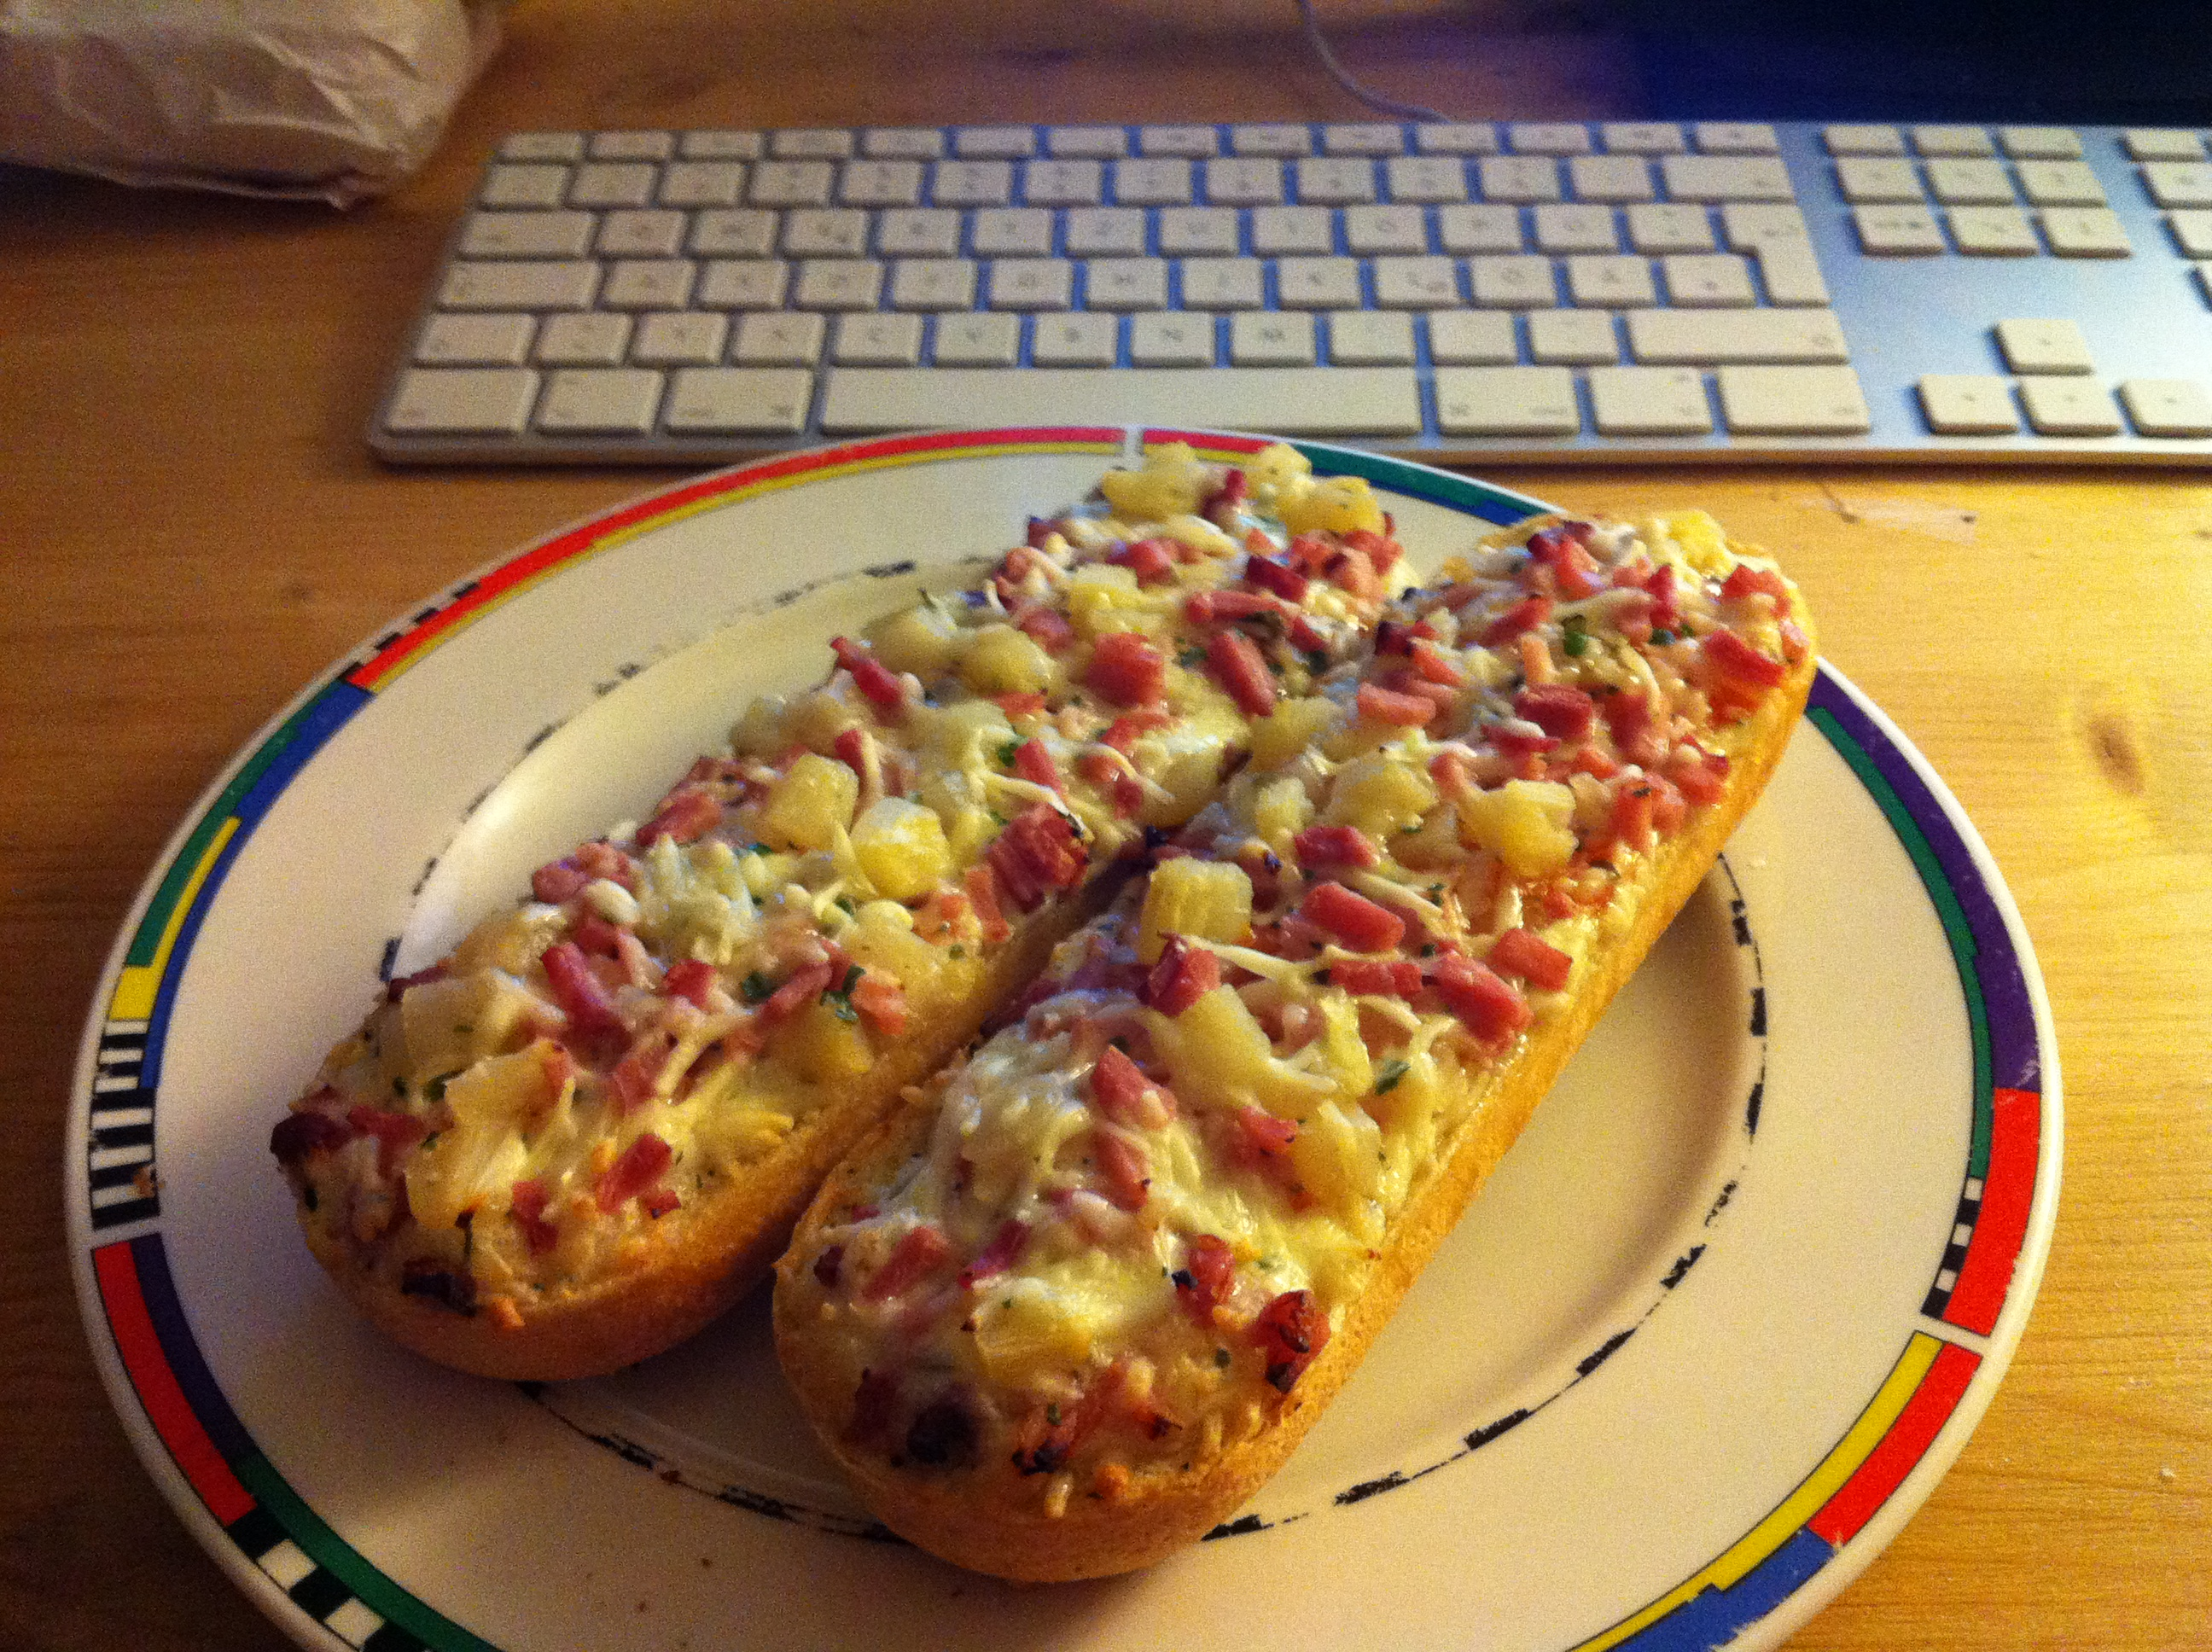 http://foodloader.net/marv1n_2010-10-06_DrOetker_Bistro_Baguette_Hawaii.jpg